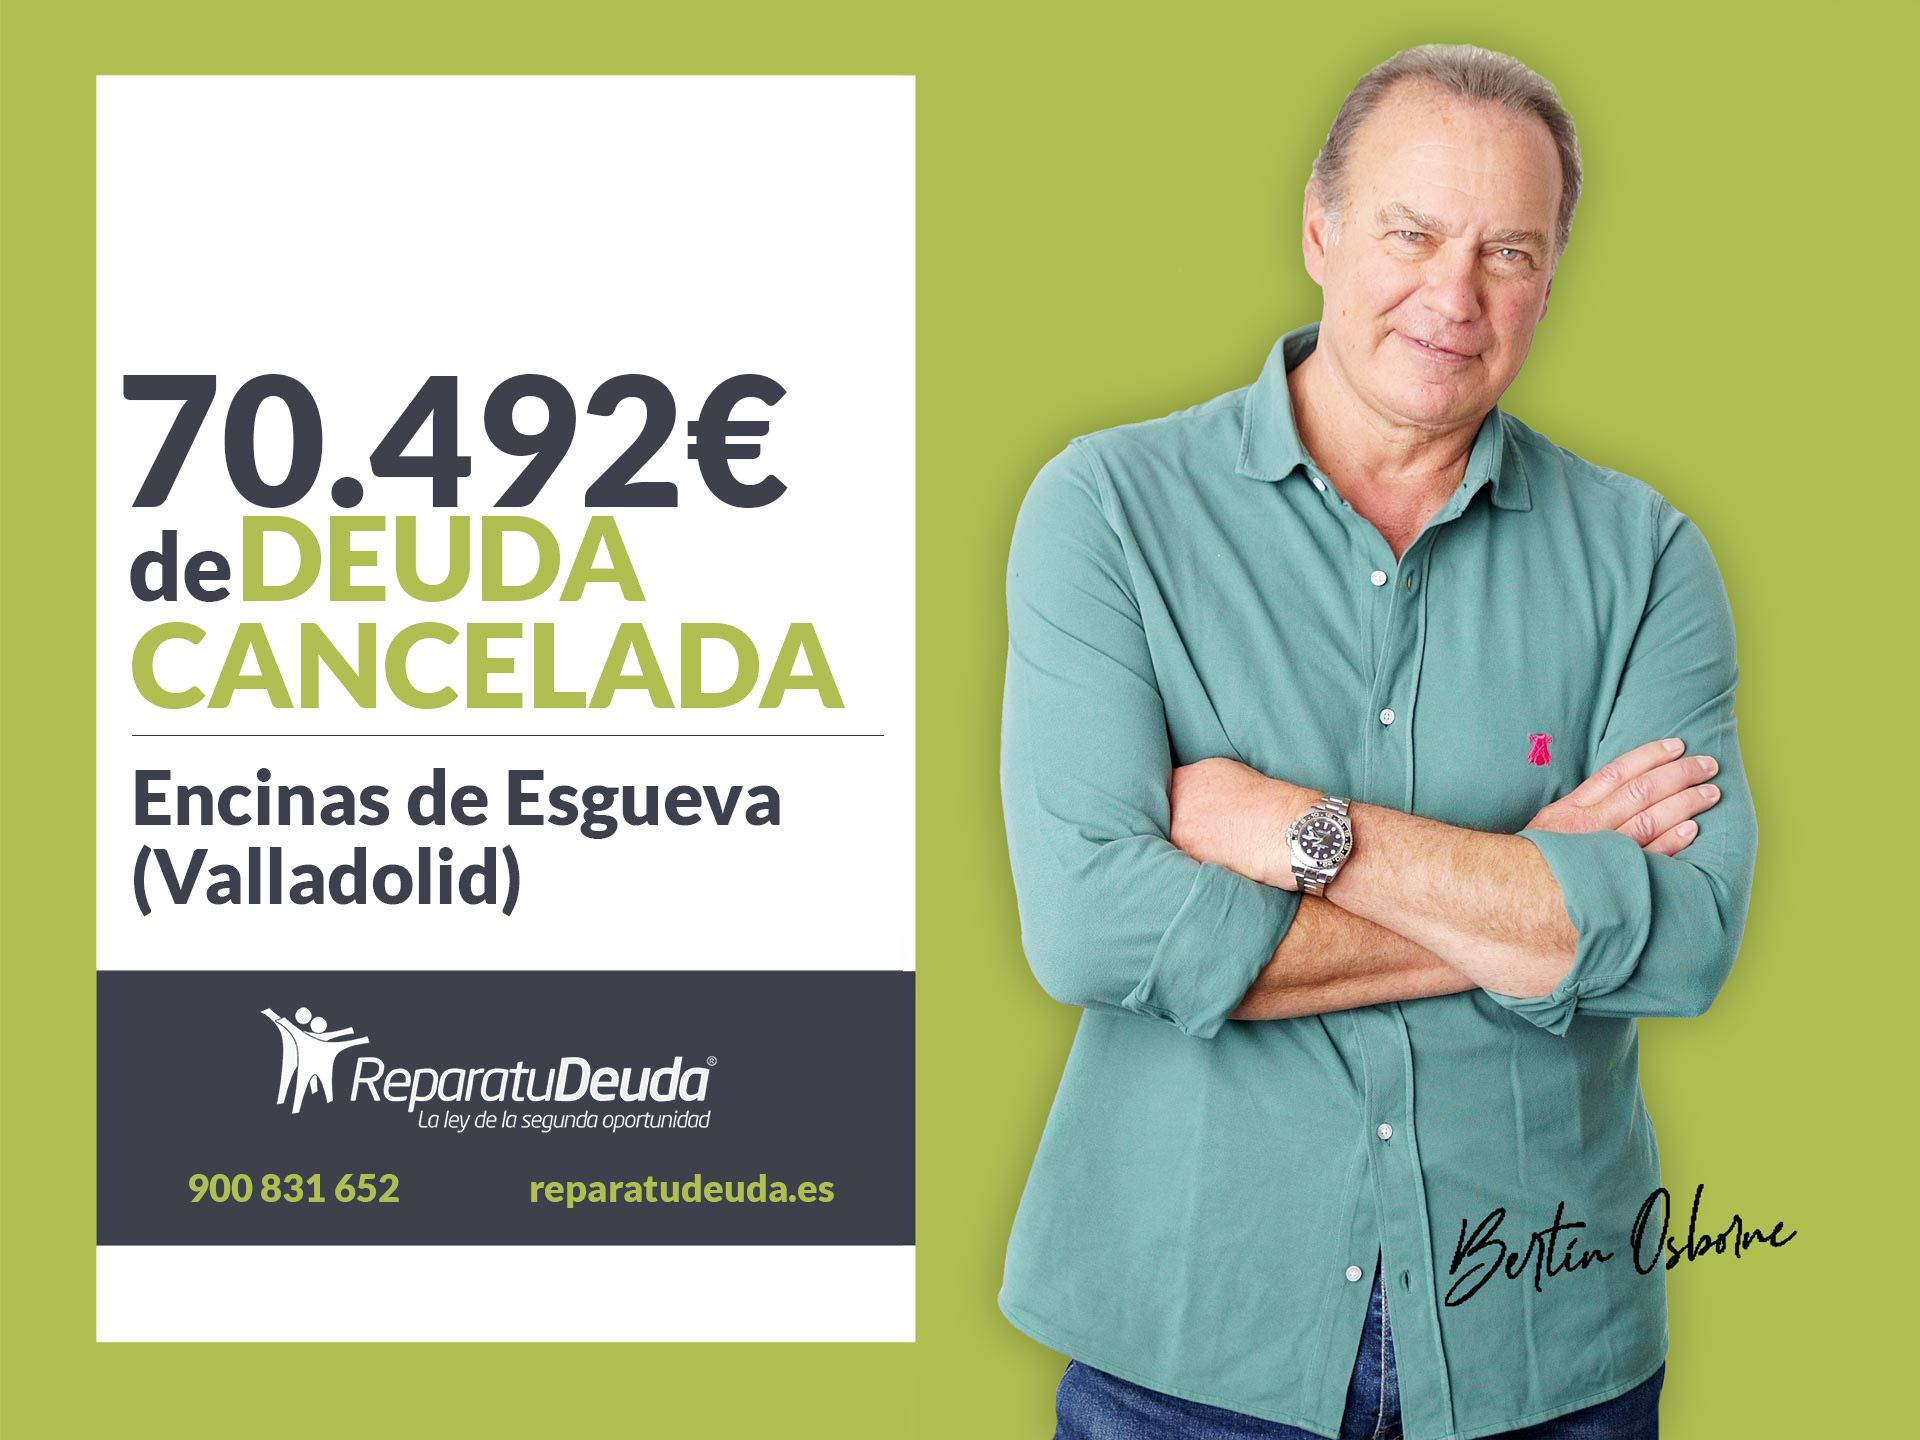 Repara tu Deuda cancela 70.492 ? en Encinas de Esgueva (Valladolid) con la Ley de Segunda Oportunidad